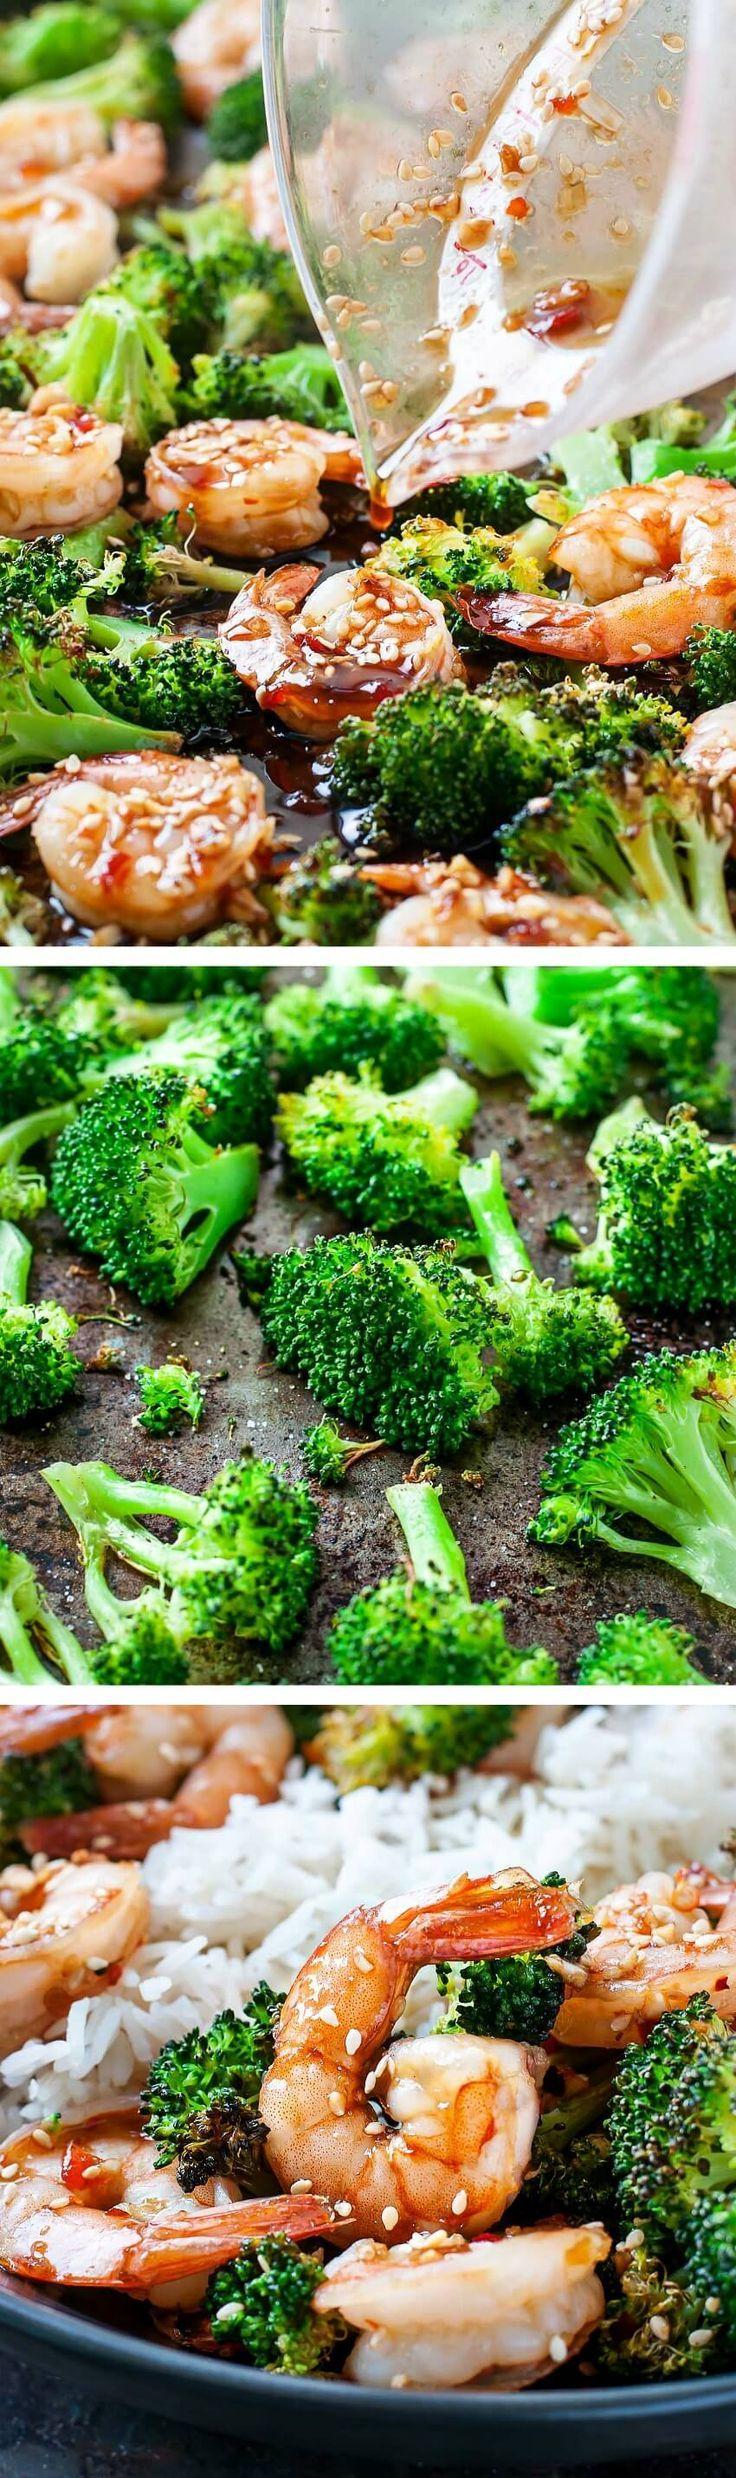 Sheet Pan Honey Garlic Shrimp and Broccoli #onepandinners